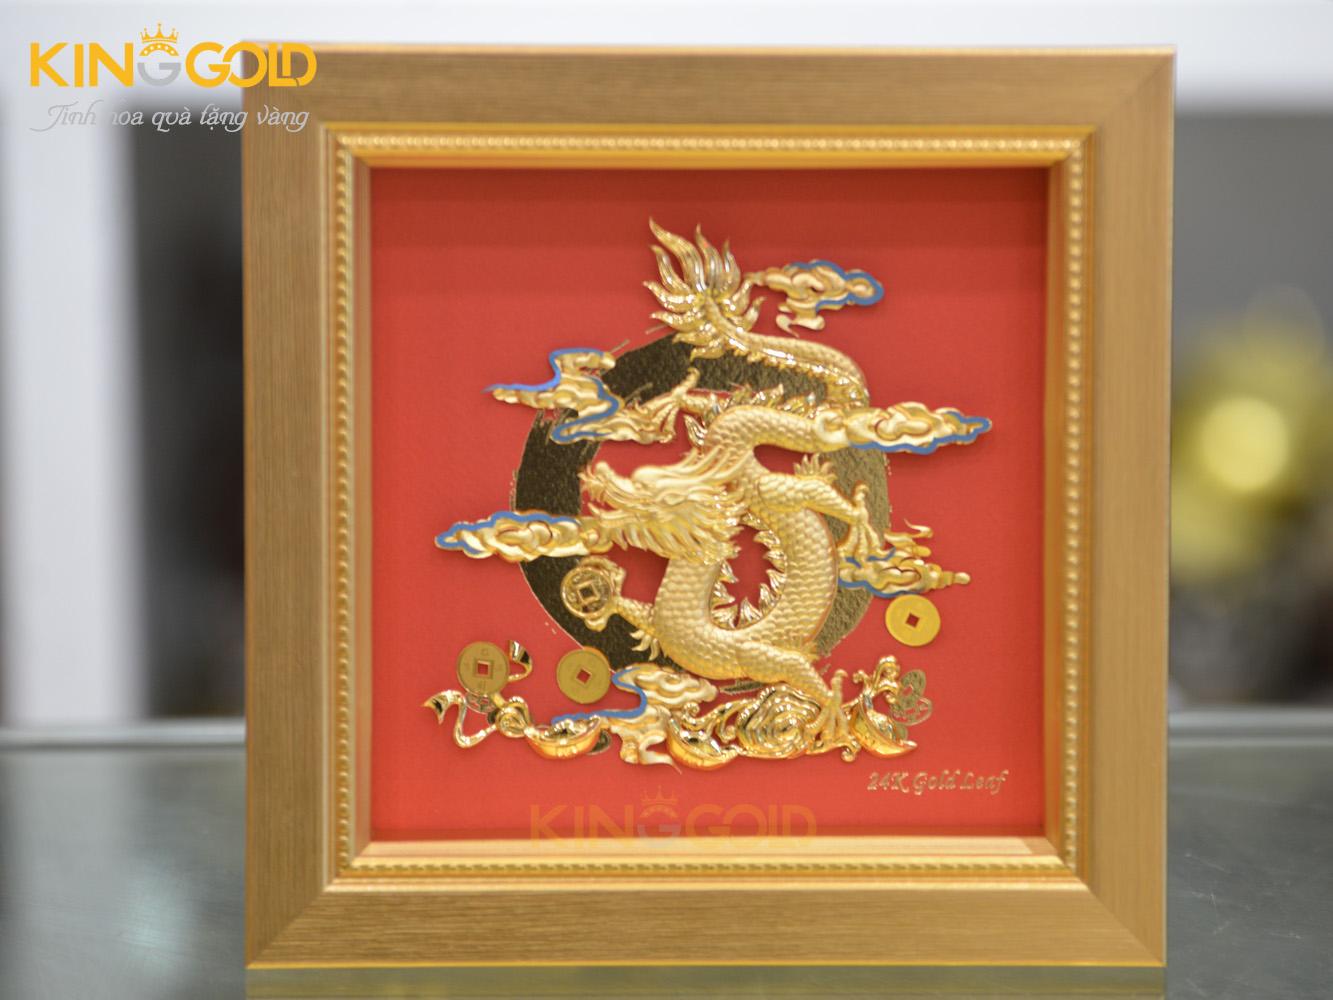 Tranh vàng cao cấp, tranh rồng mạ vàng 24k quà tặng đối ngoại ý nghĩa